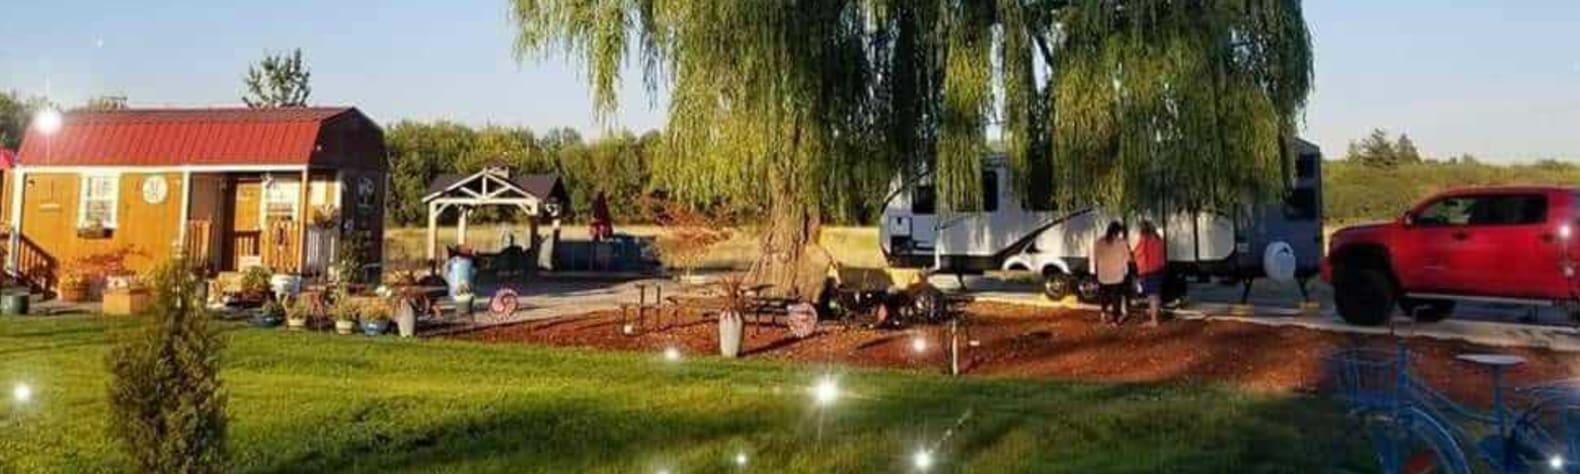 Miranda's Farm and recreation